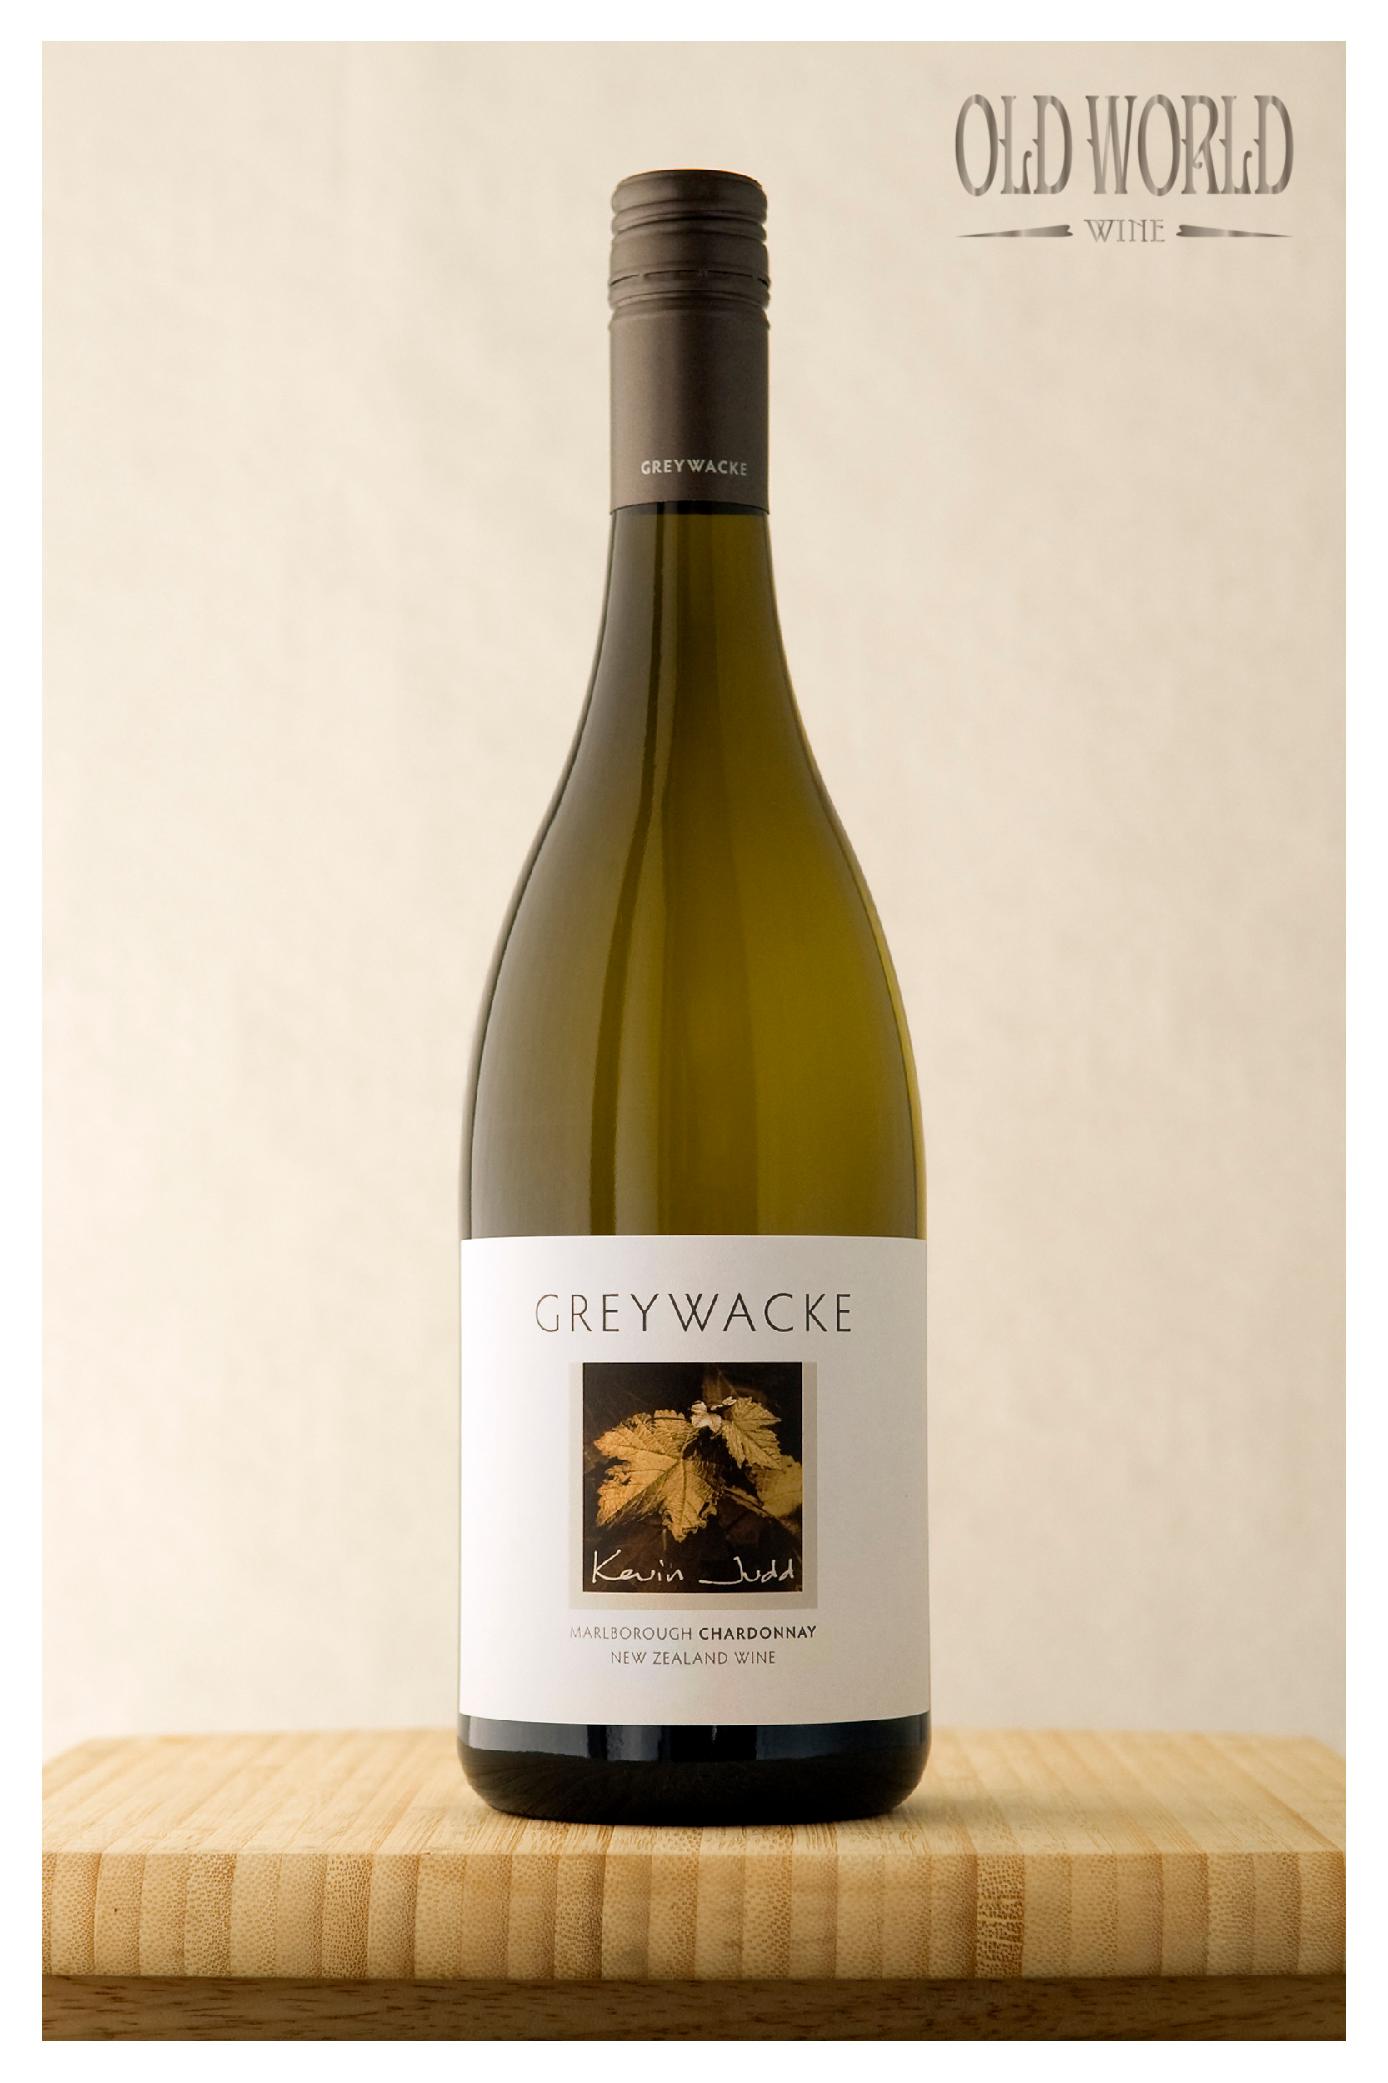 Greywacke-Chardonnay-1_-29-03-2021-11-37-51.png